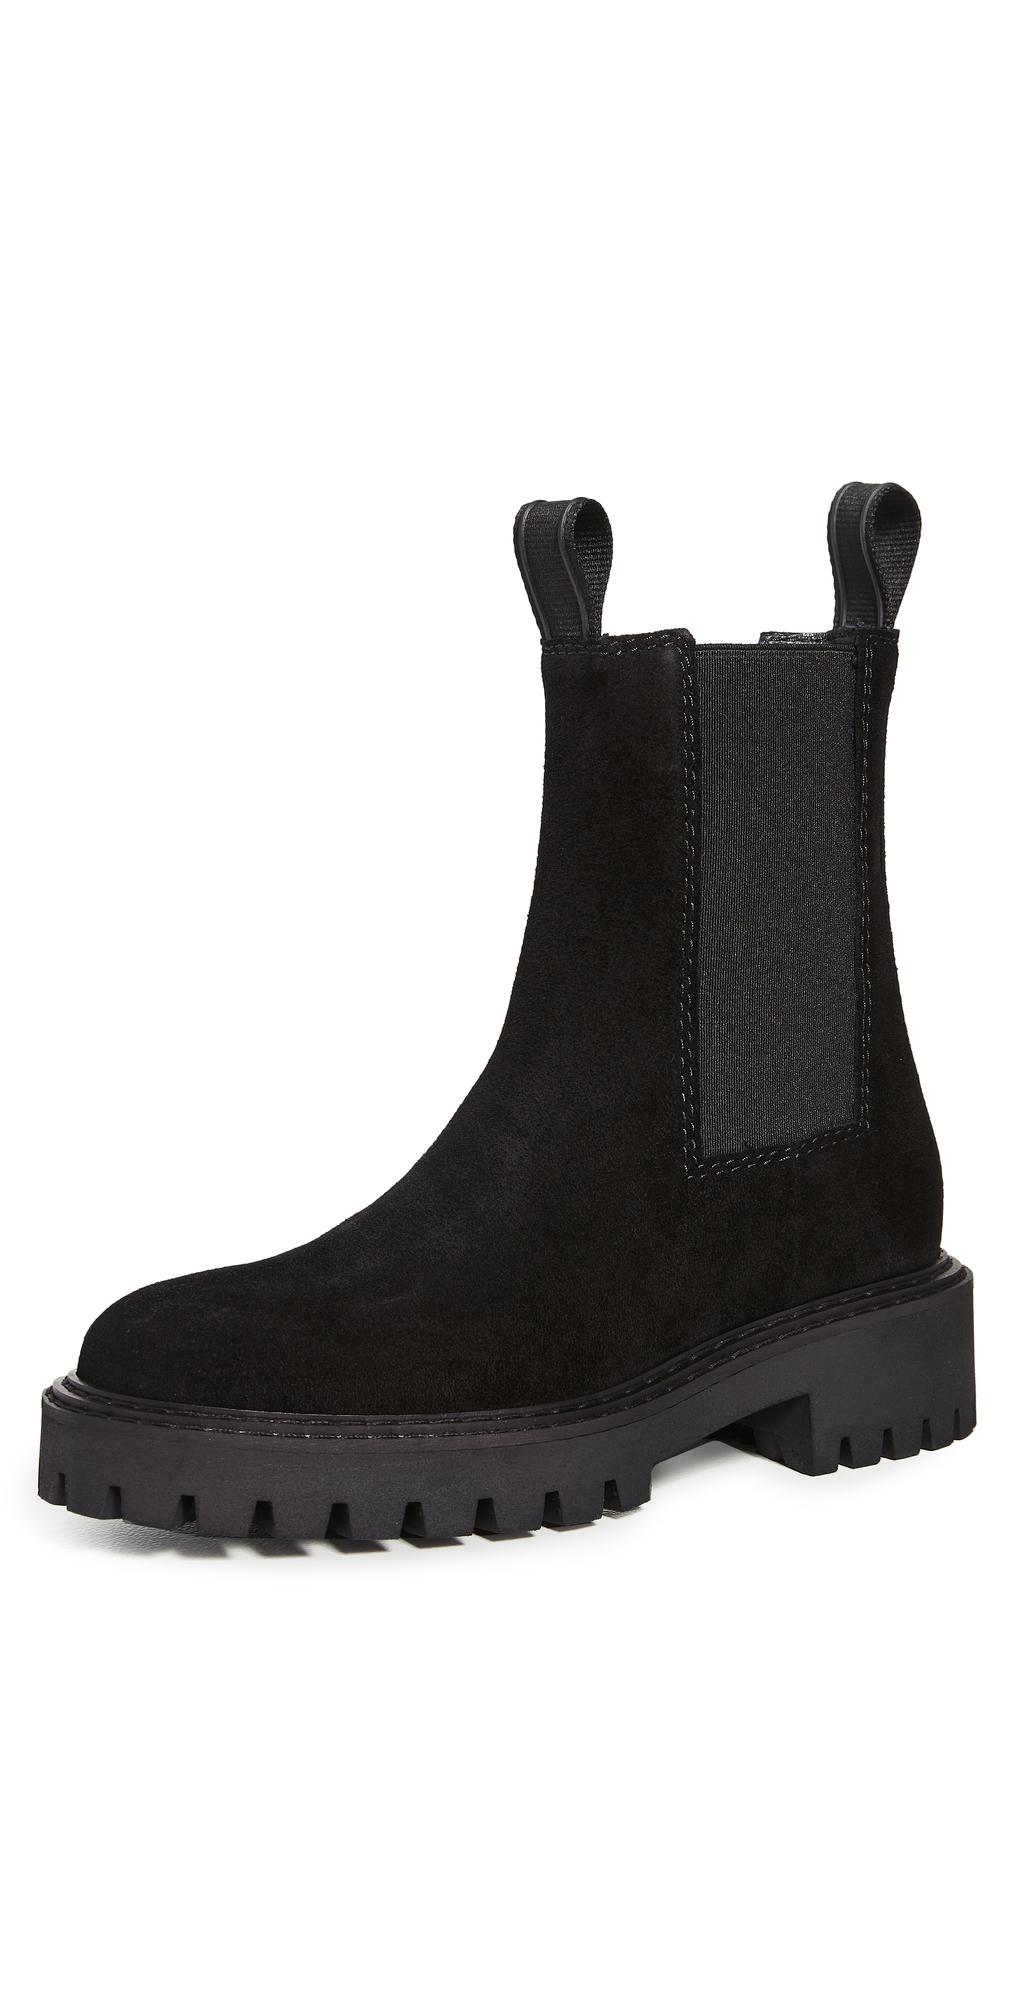 Daze Chelsea Boots